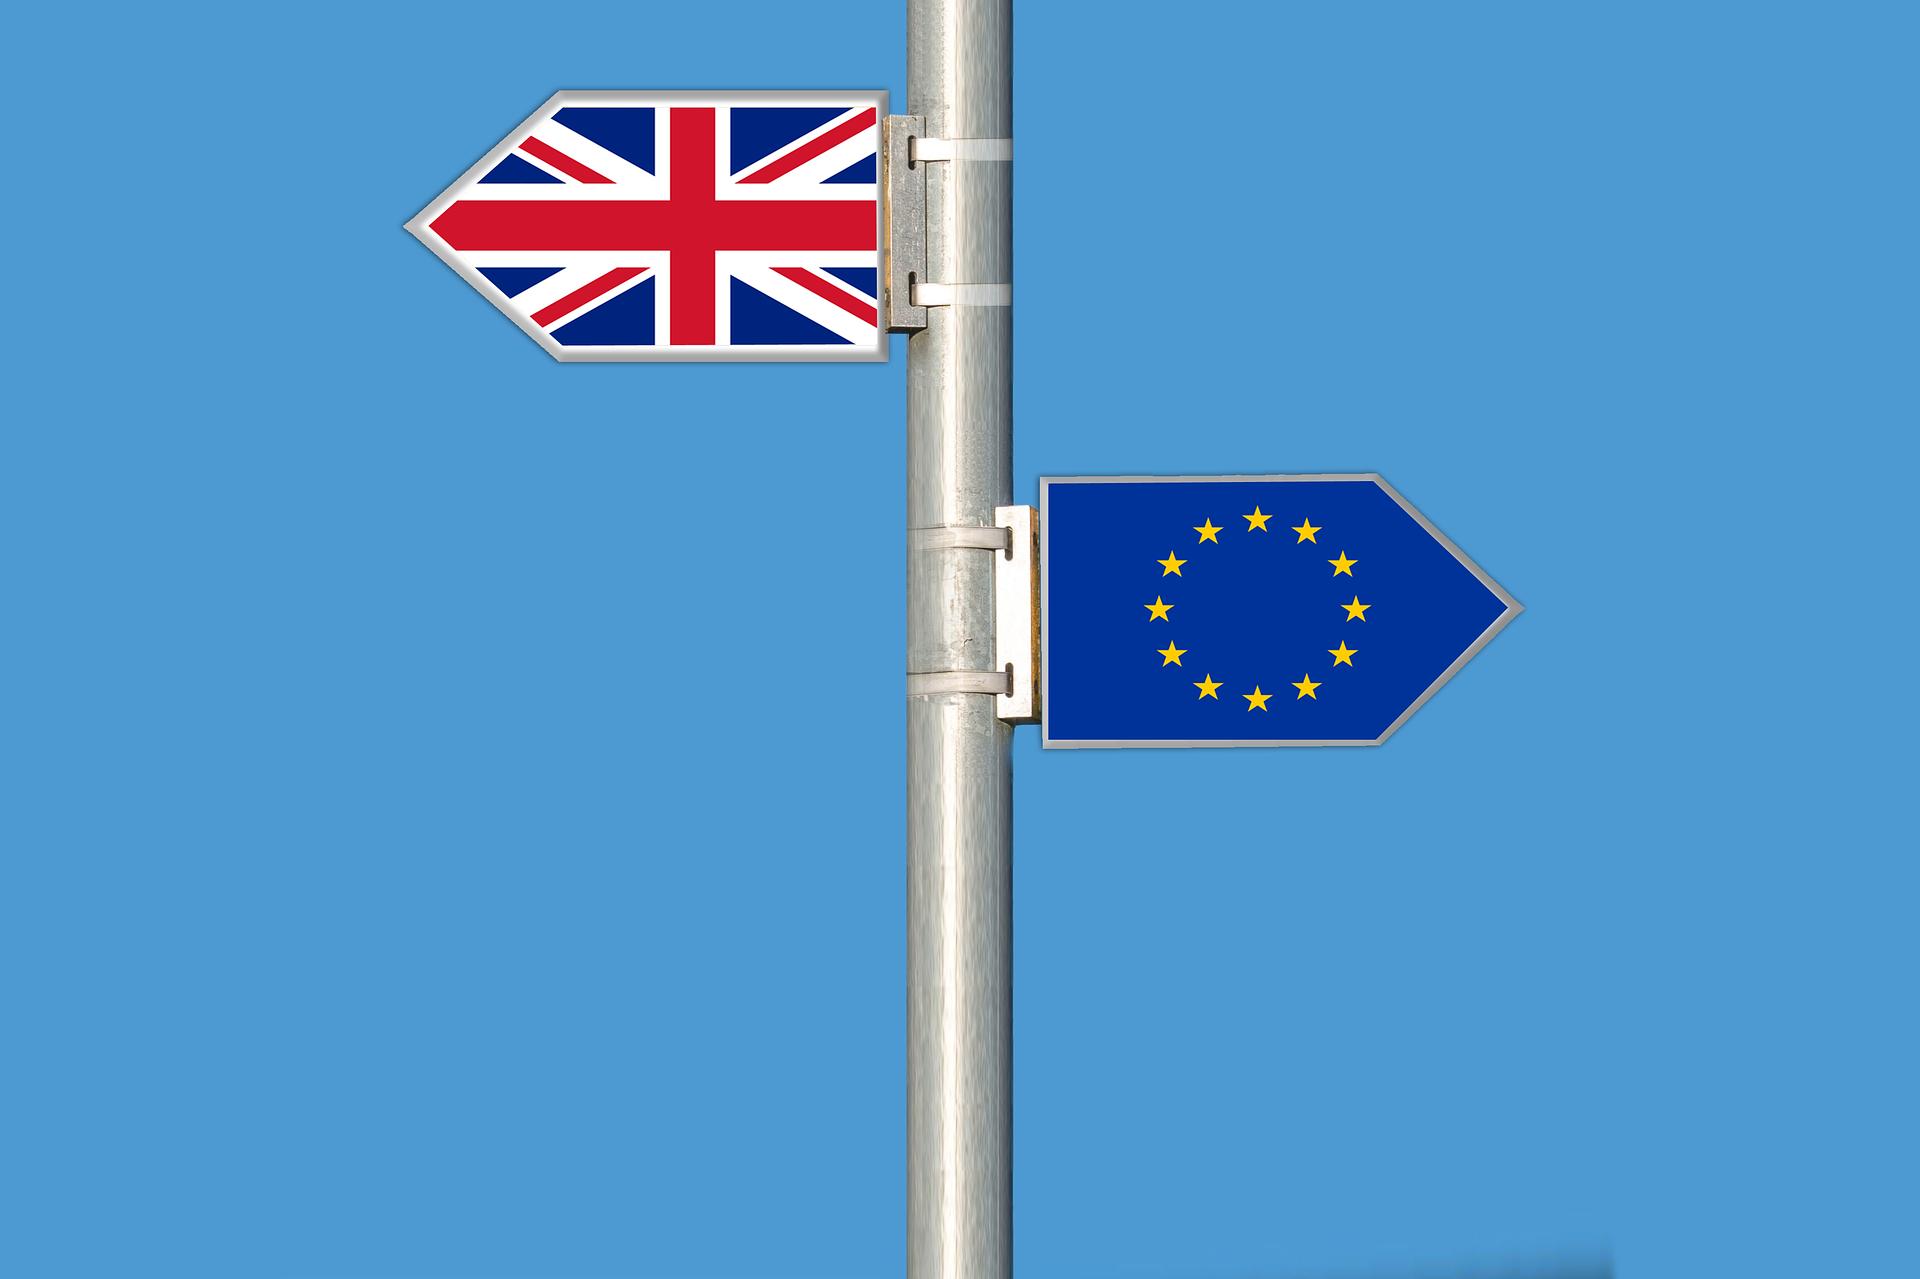 EU i London usuglasili tekst razvoda, protivnici nezadovoljni